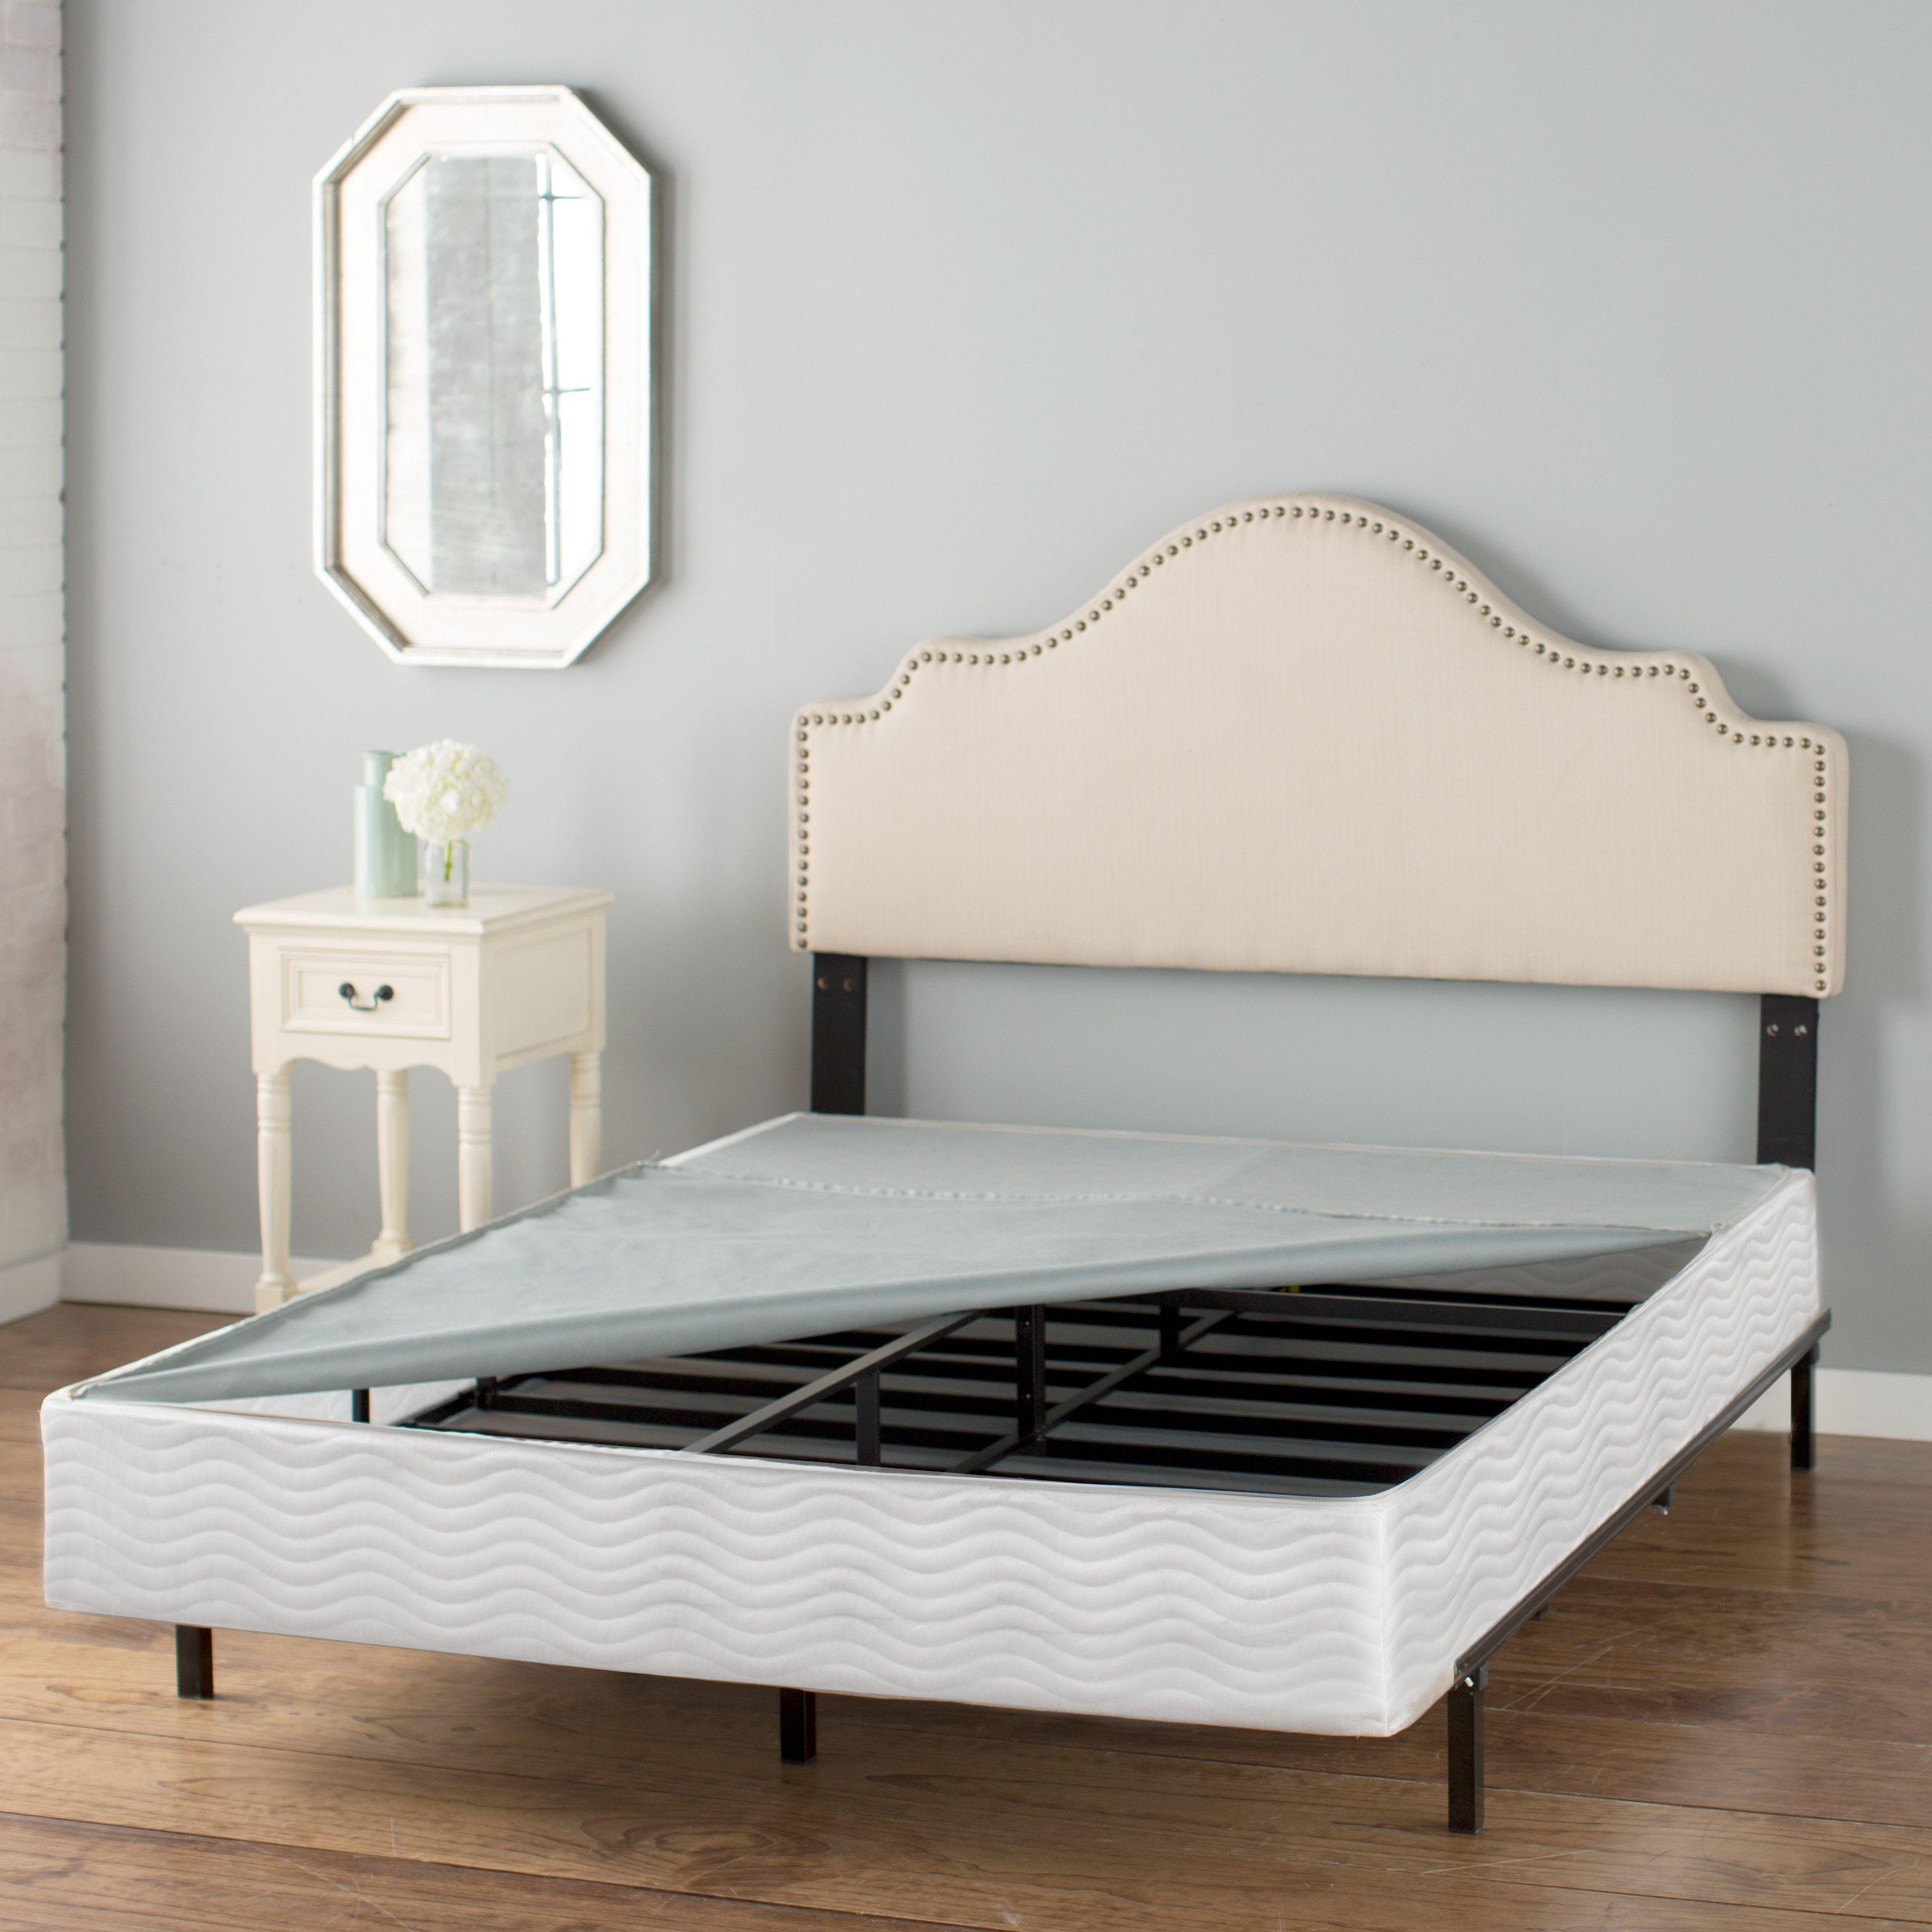 Wayfair Sleep Wayfair Sleep Standard Box Spring Bed